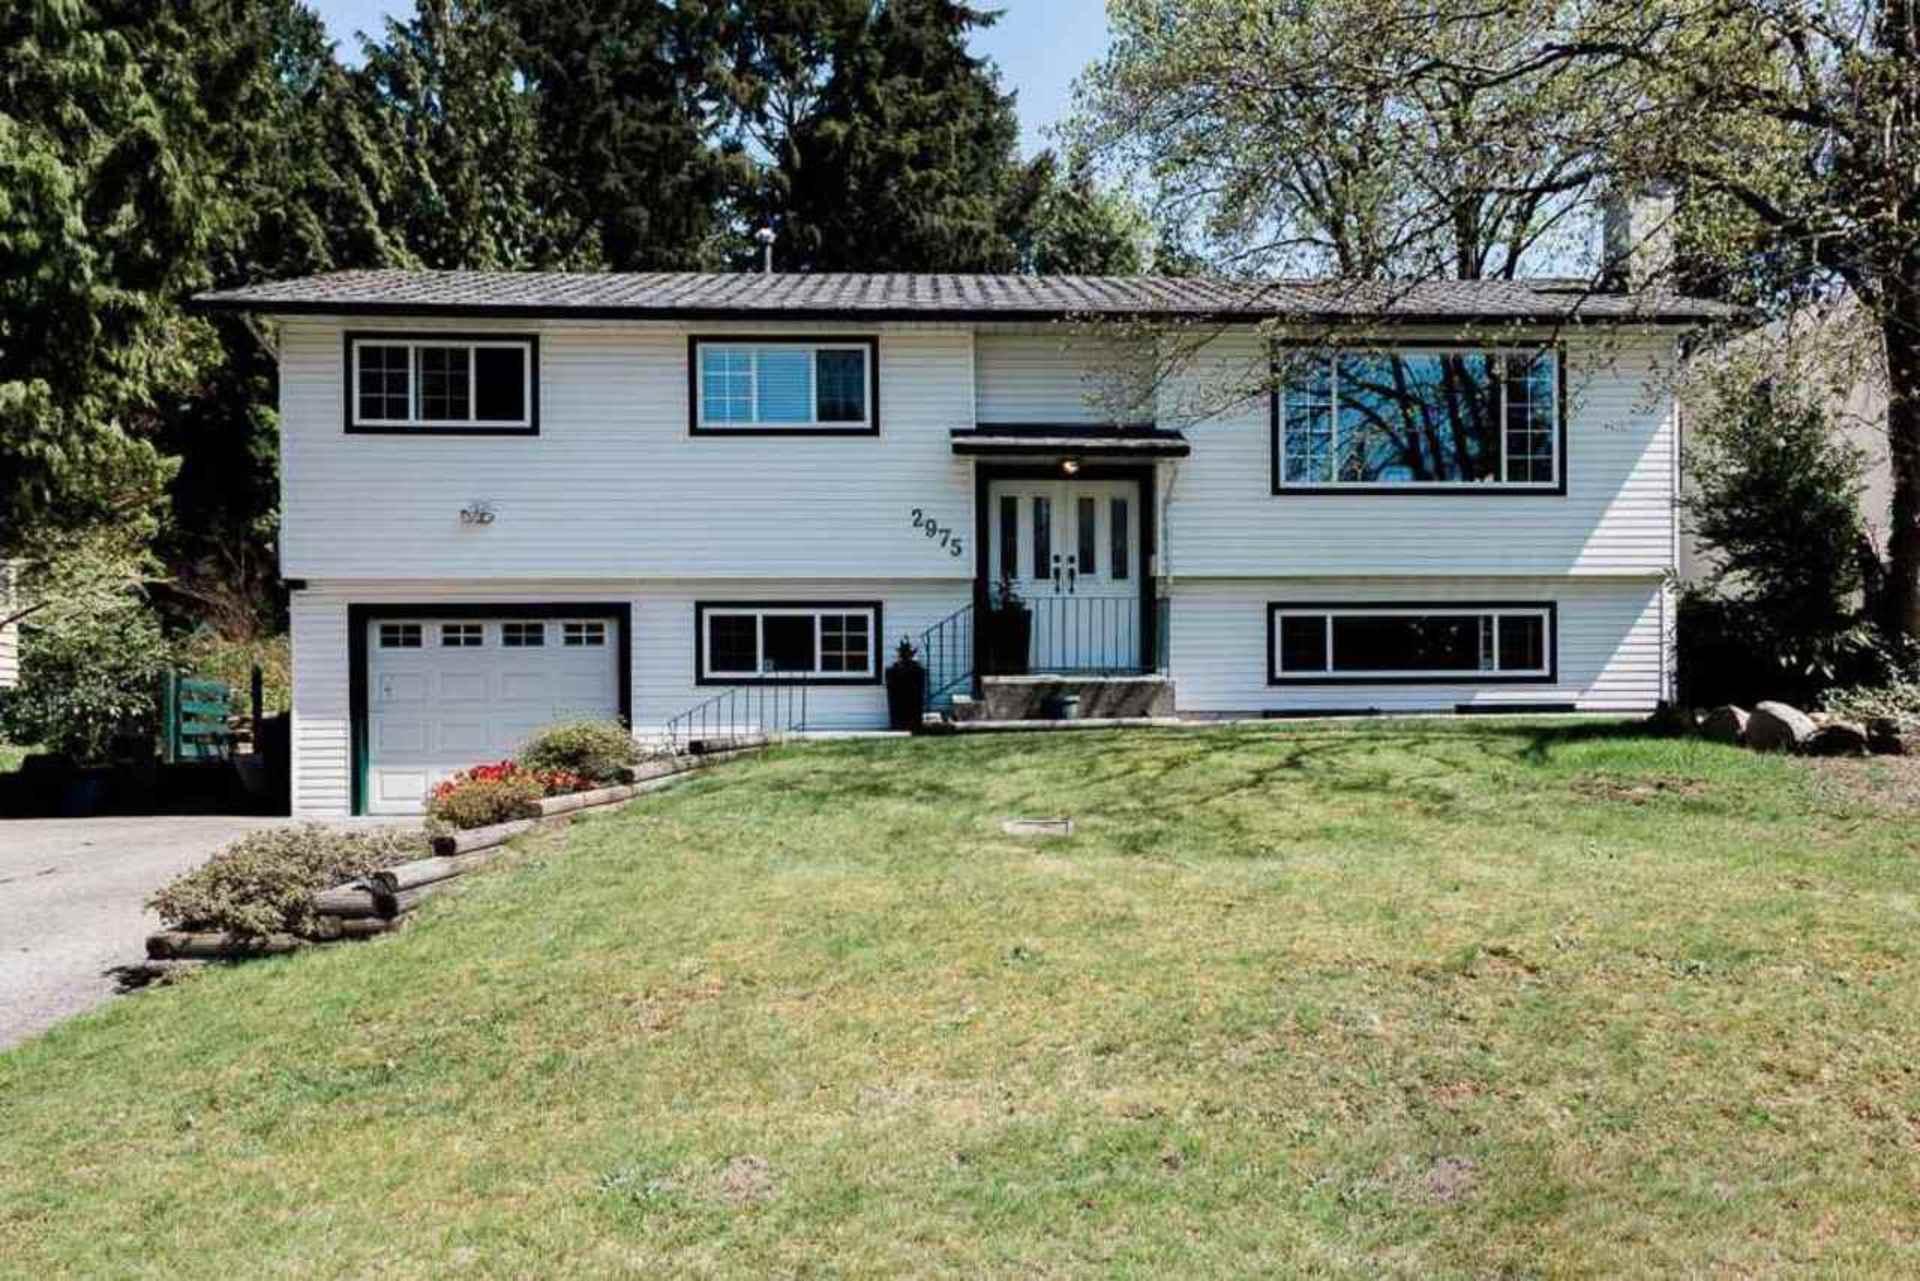 2975 Pinnacle Street, Ranch Park, Coquitlam